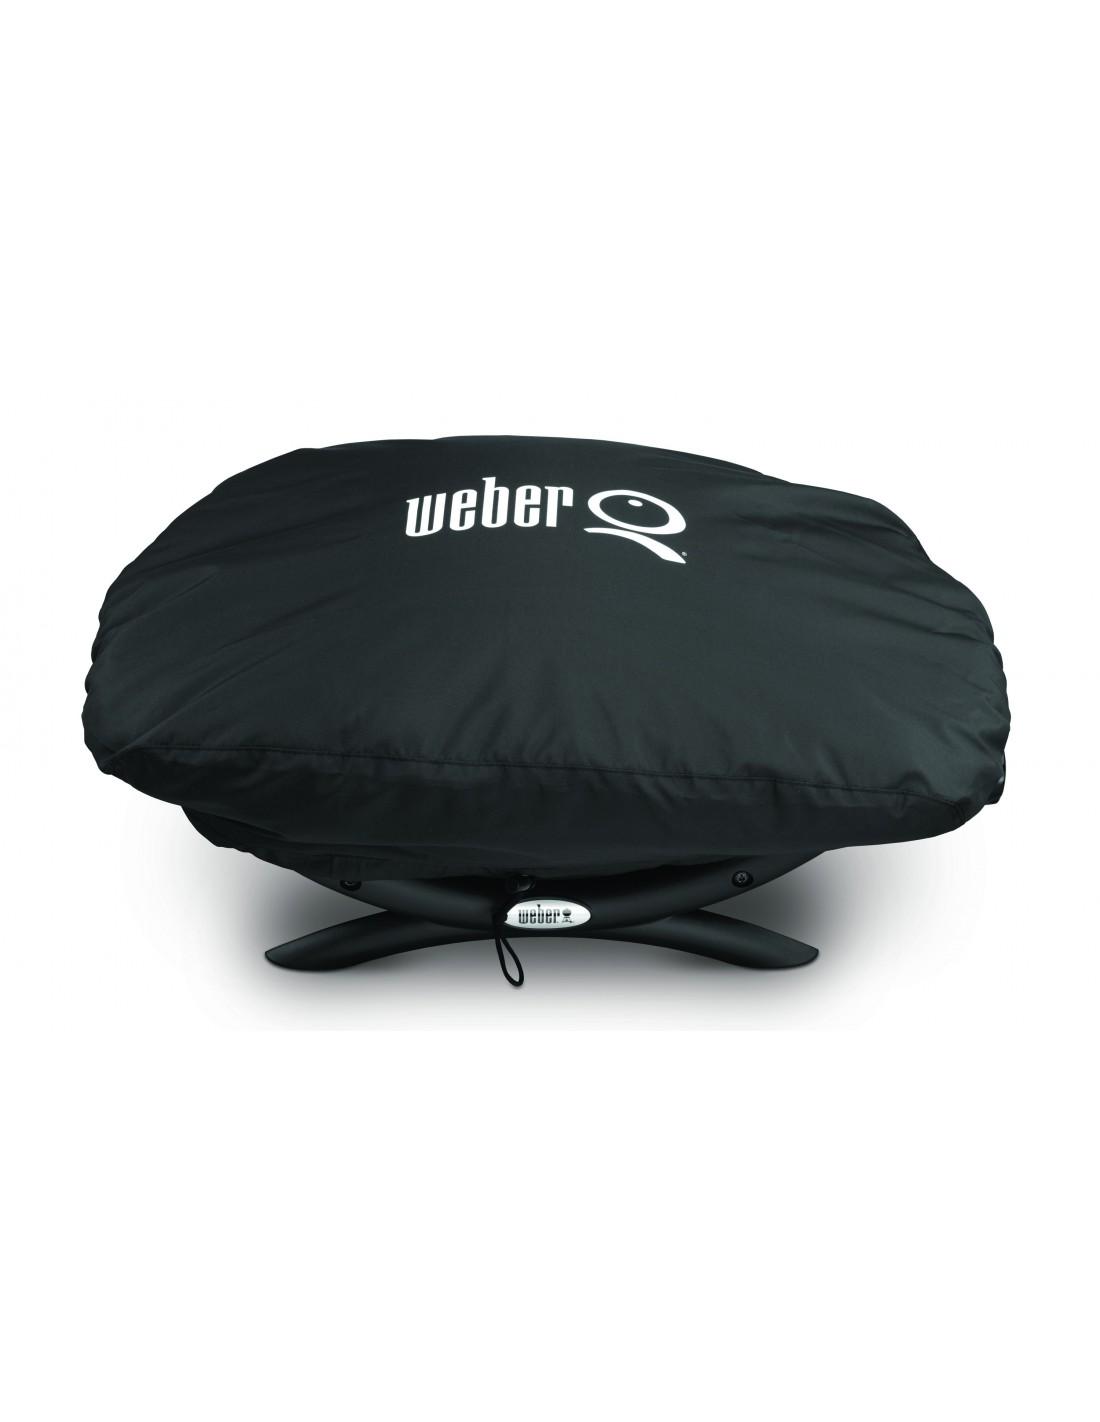 housse premium 7118 noir pour barbecue weber q s rie 2000 2400. Black Bedroom Furniture Sets. Home Design Ideas